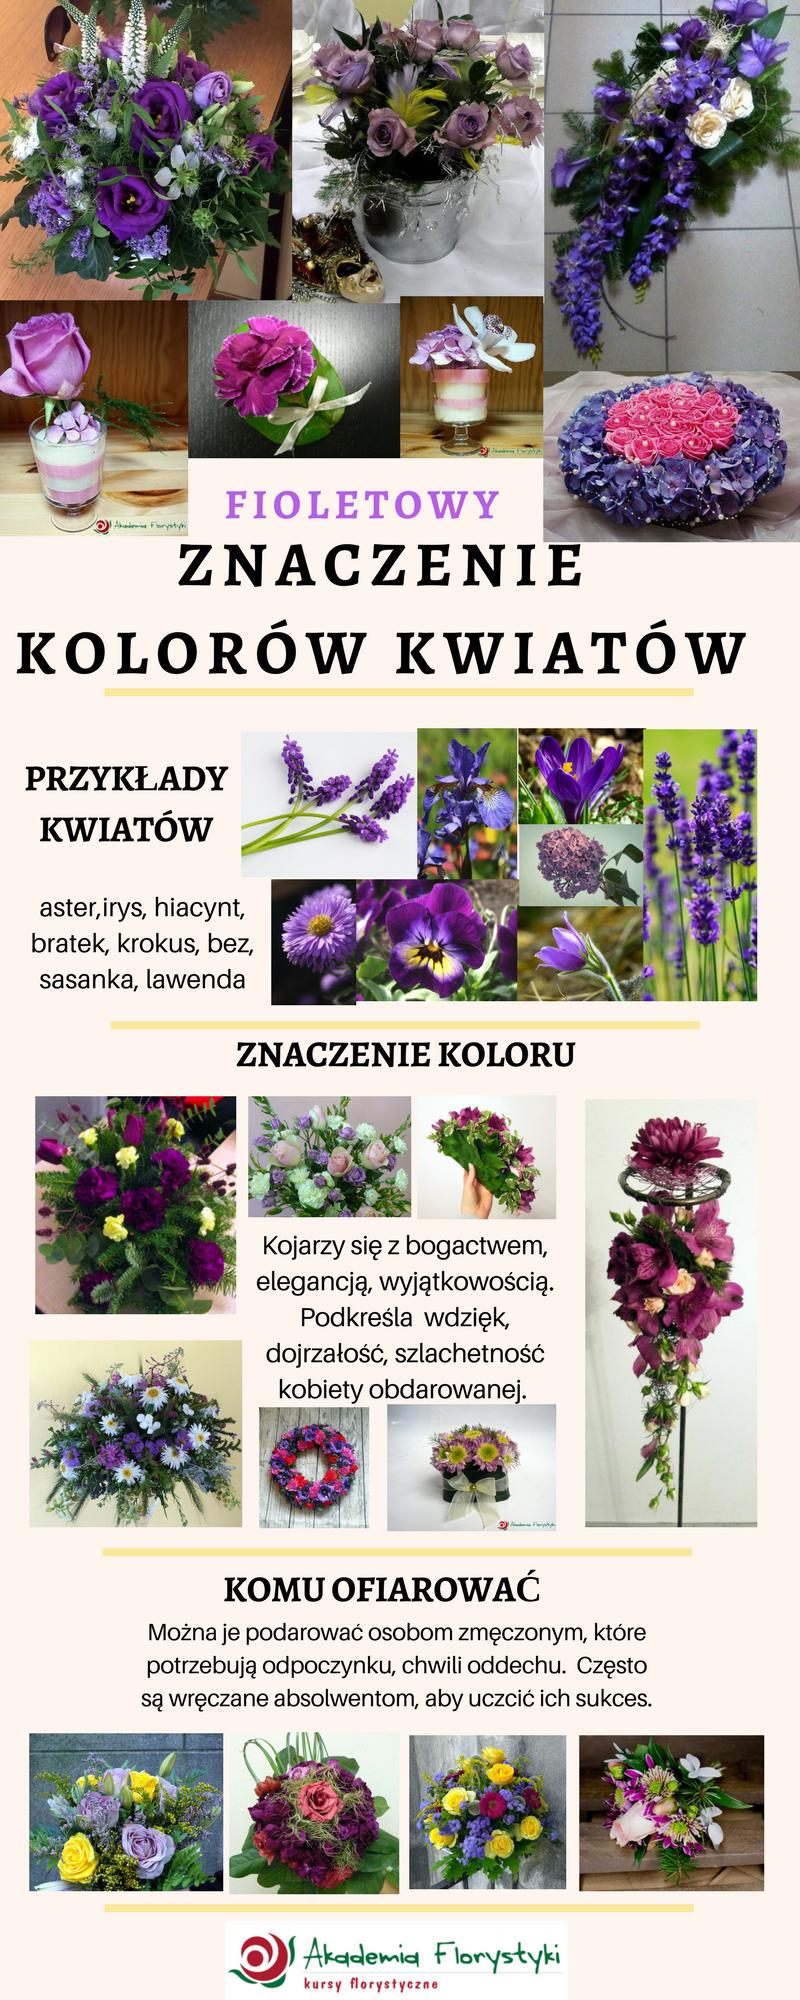 Znaczenie Kolorow Kwiatow Fioletowy Lawenda Krokusy Flowers